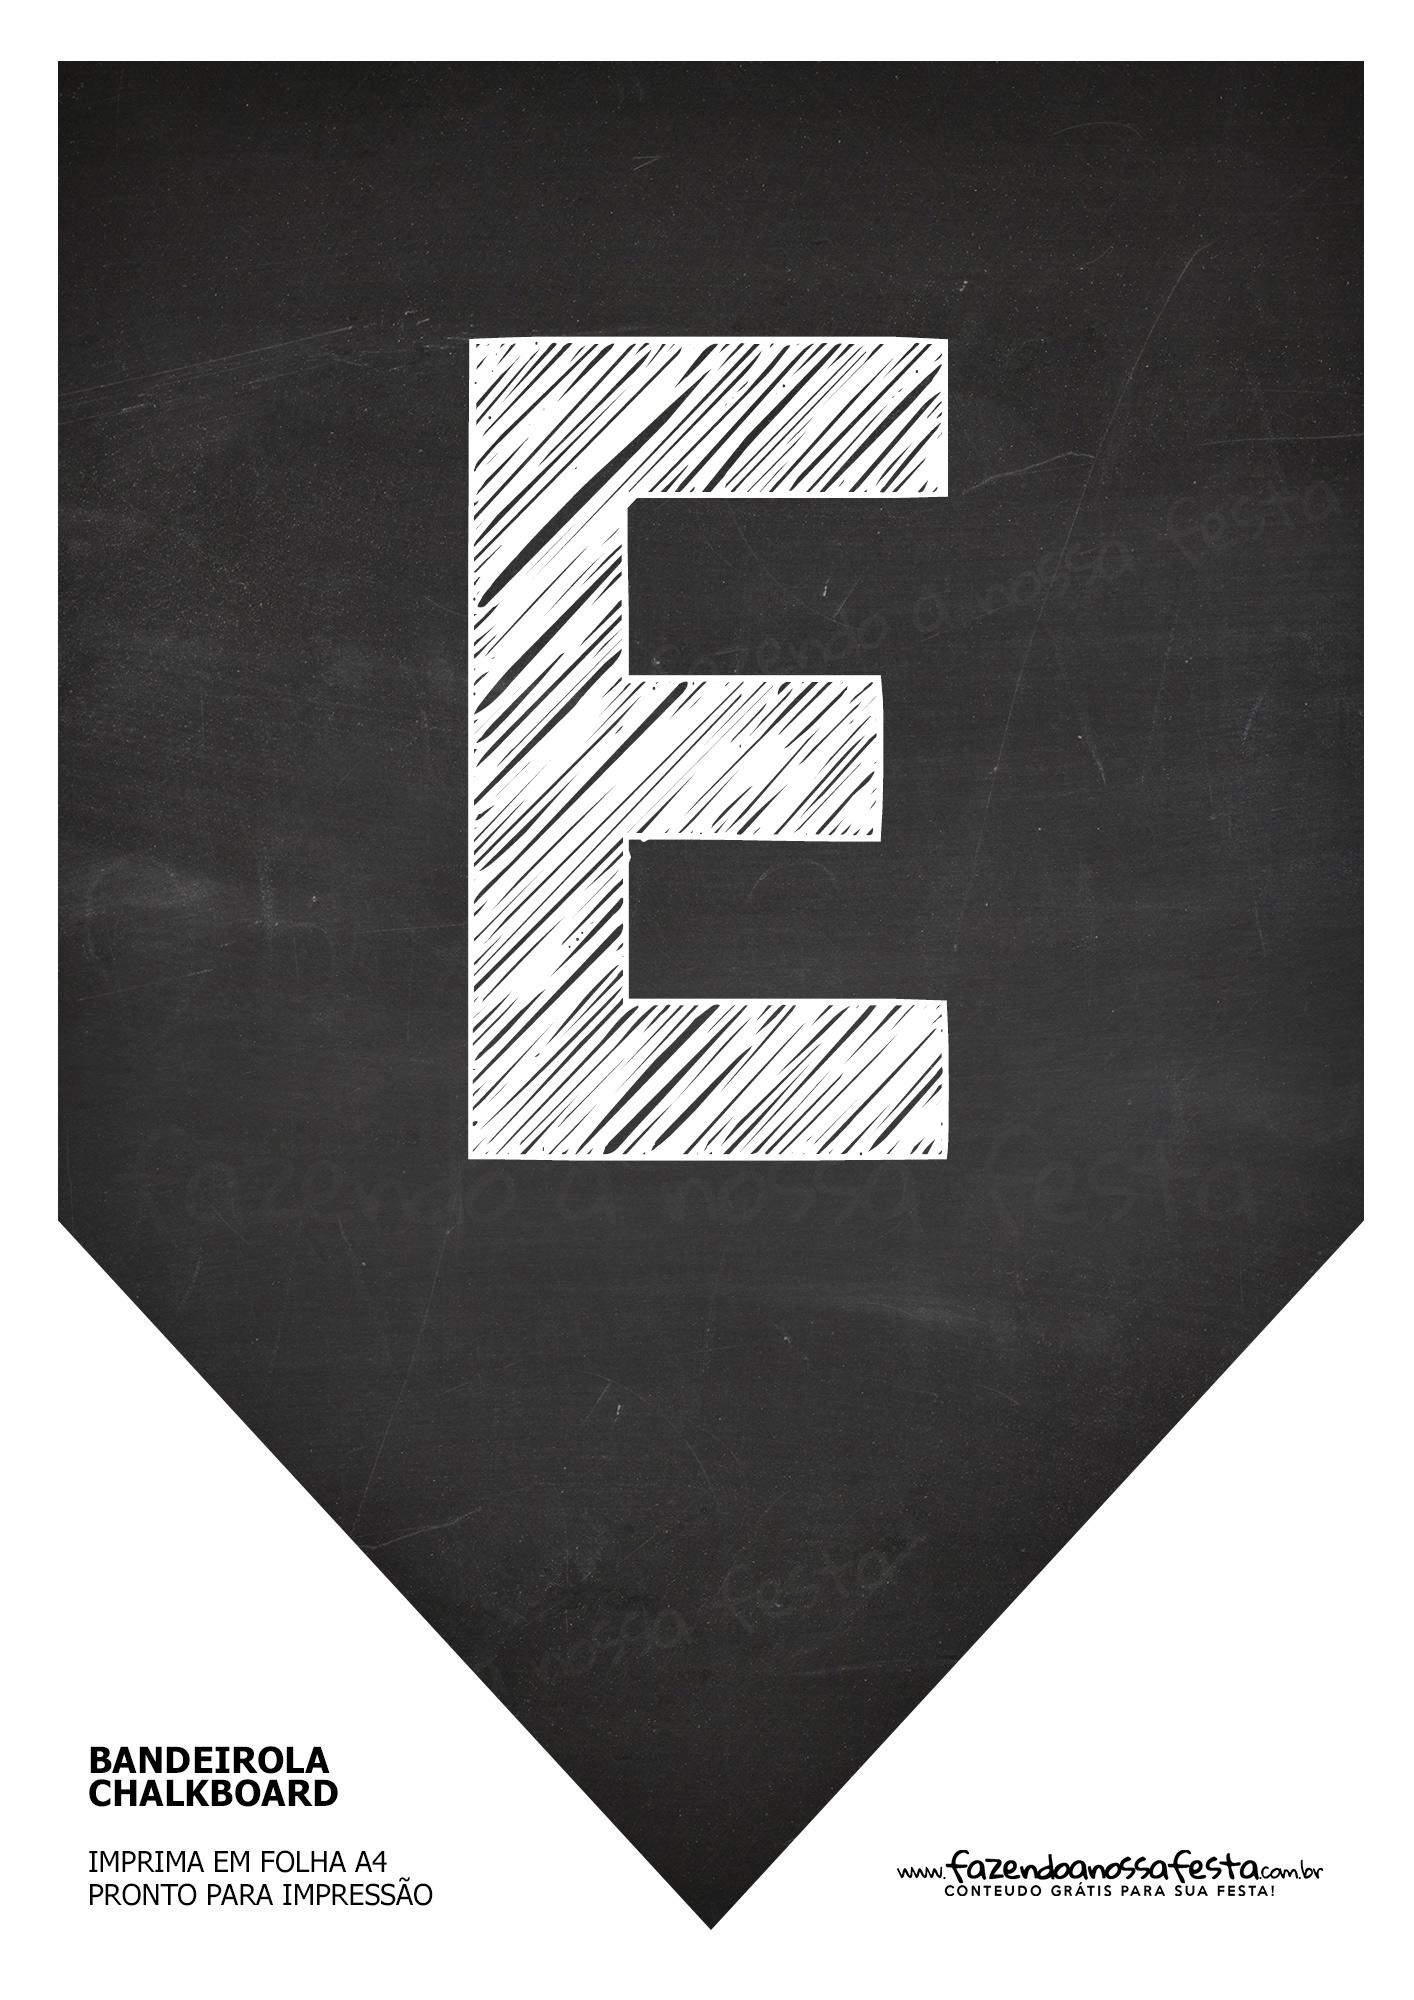 Bandeirola Chalkboard E